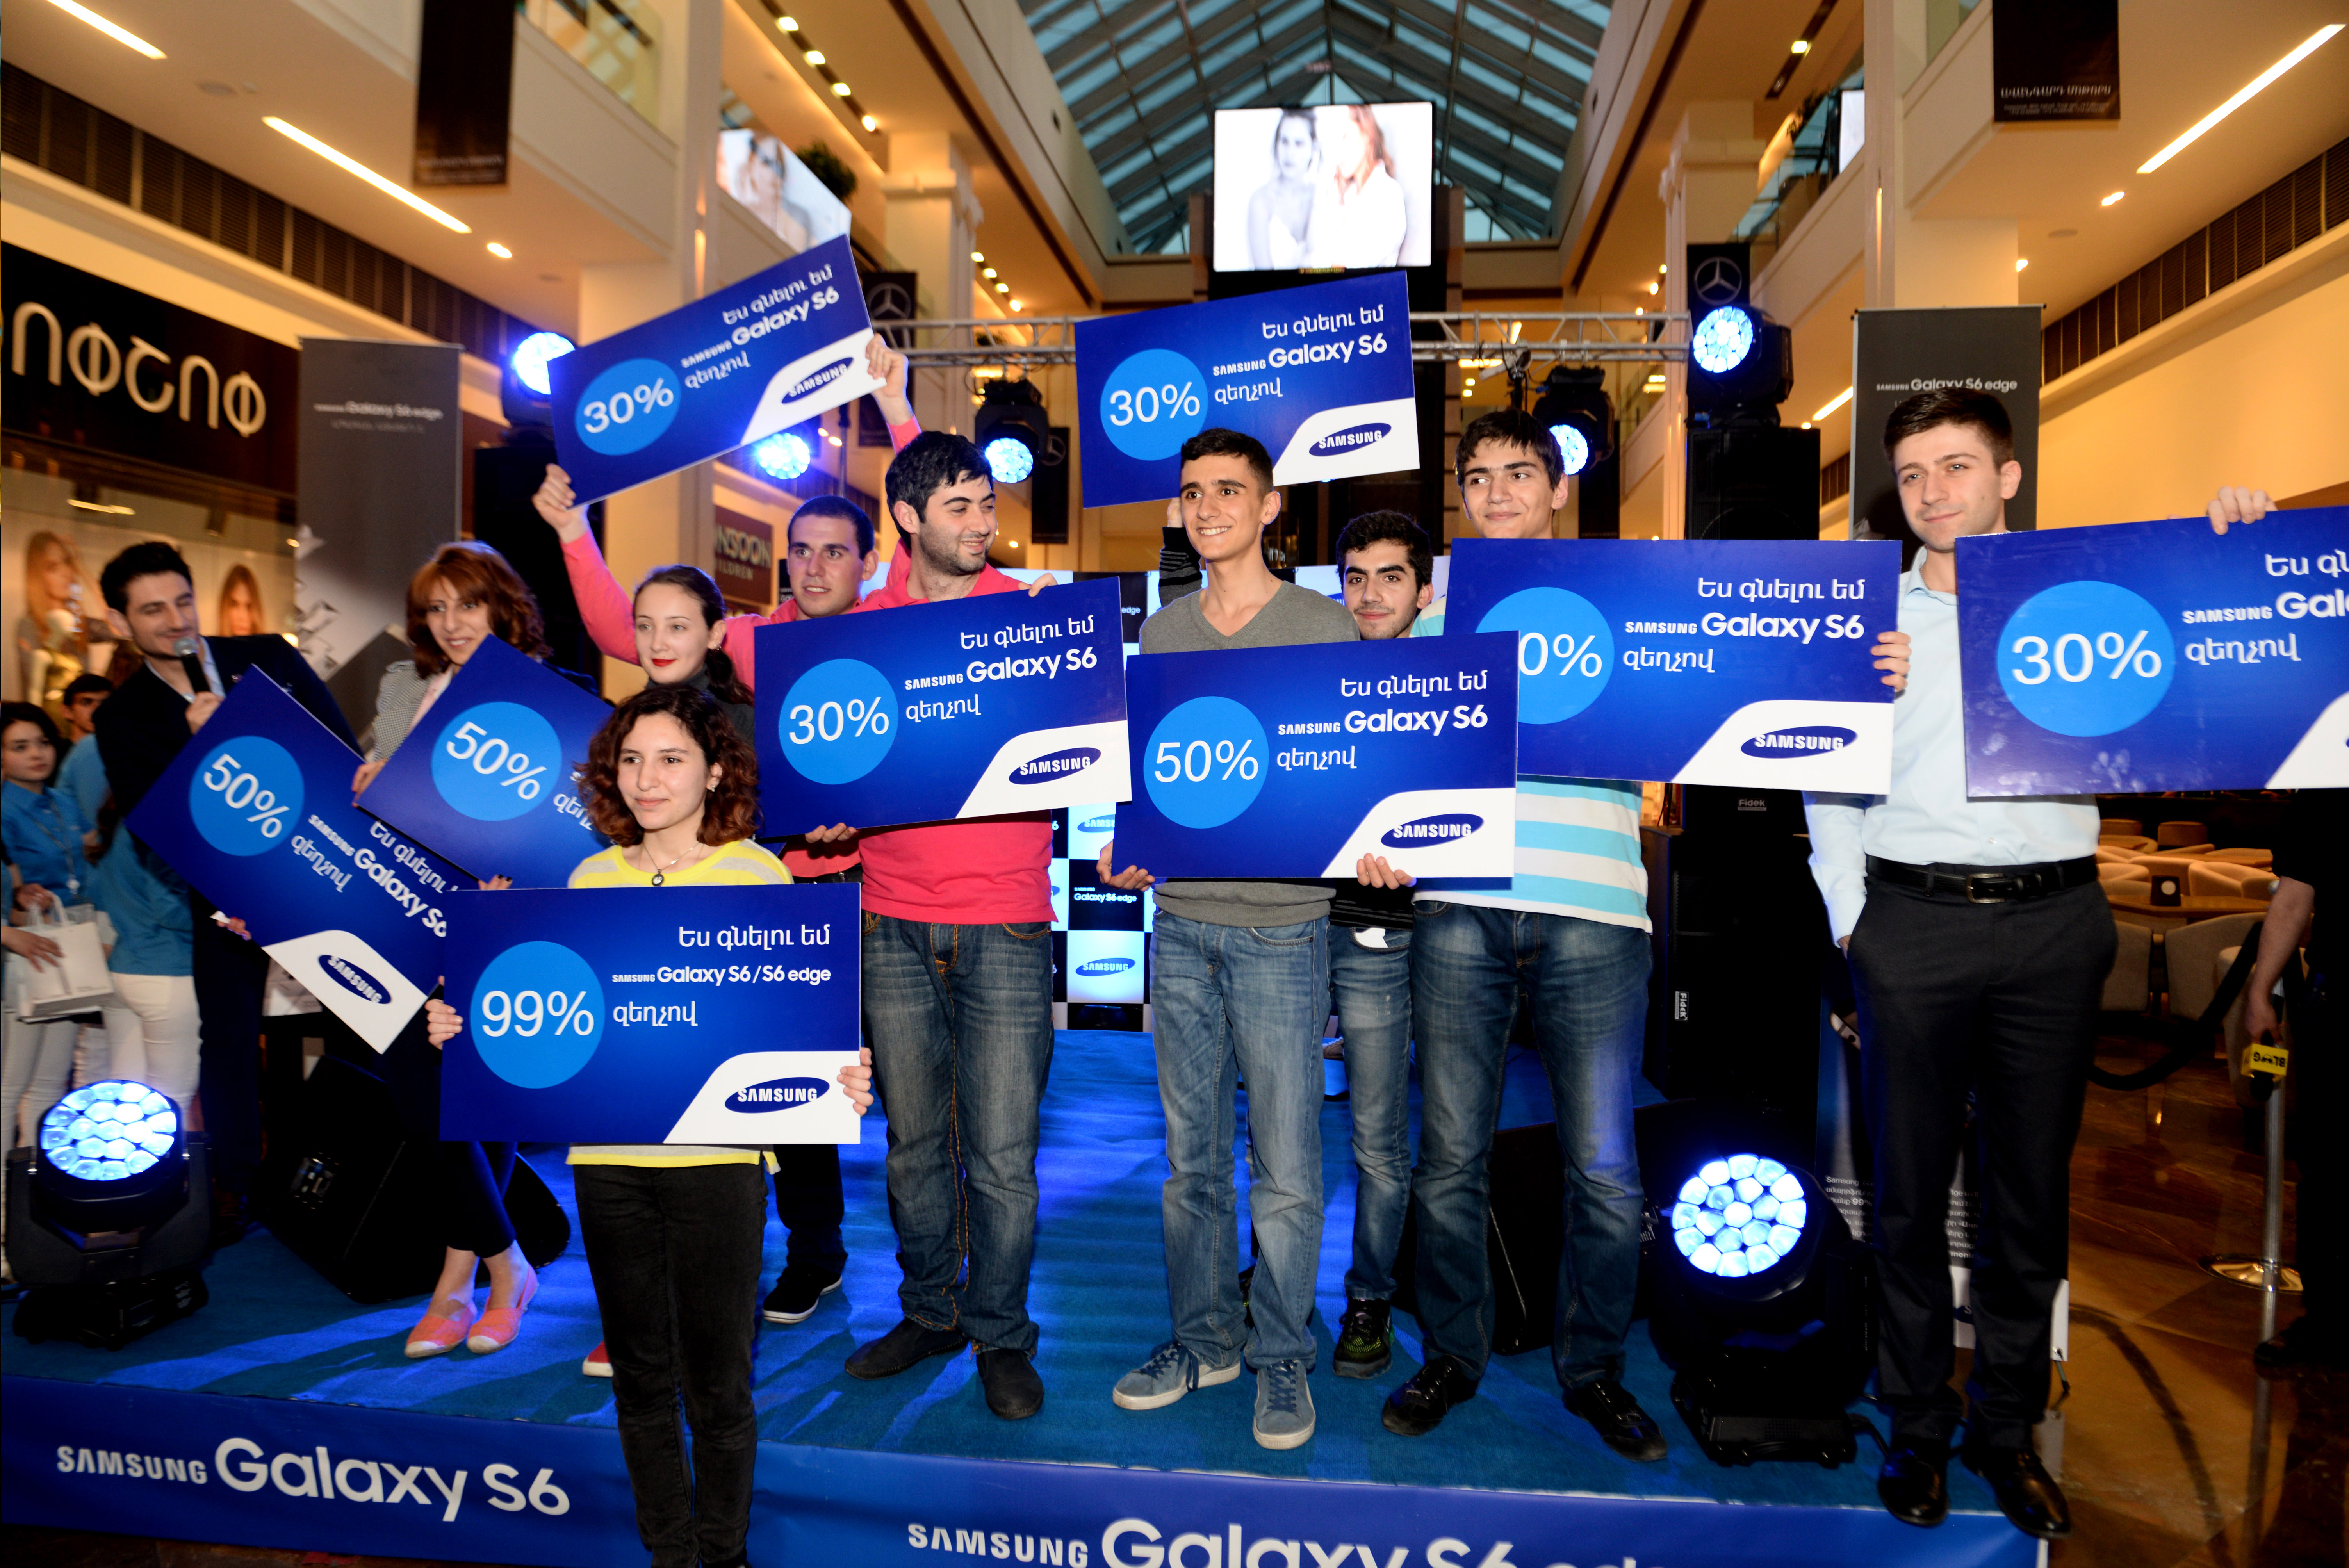 Samsung Electronics. Հայտնի են «Ապագան այստեղ է» խաղի հաղթողները